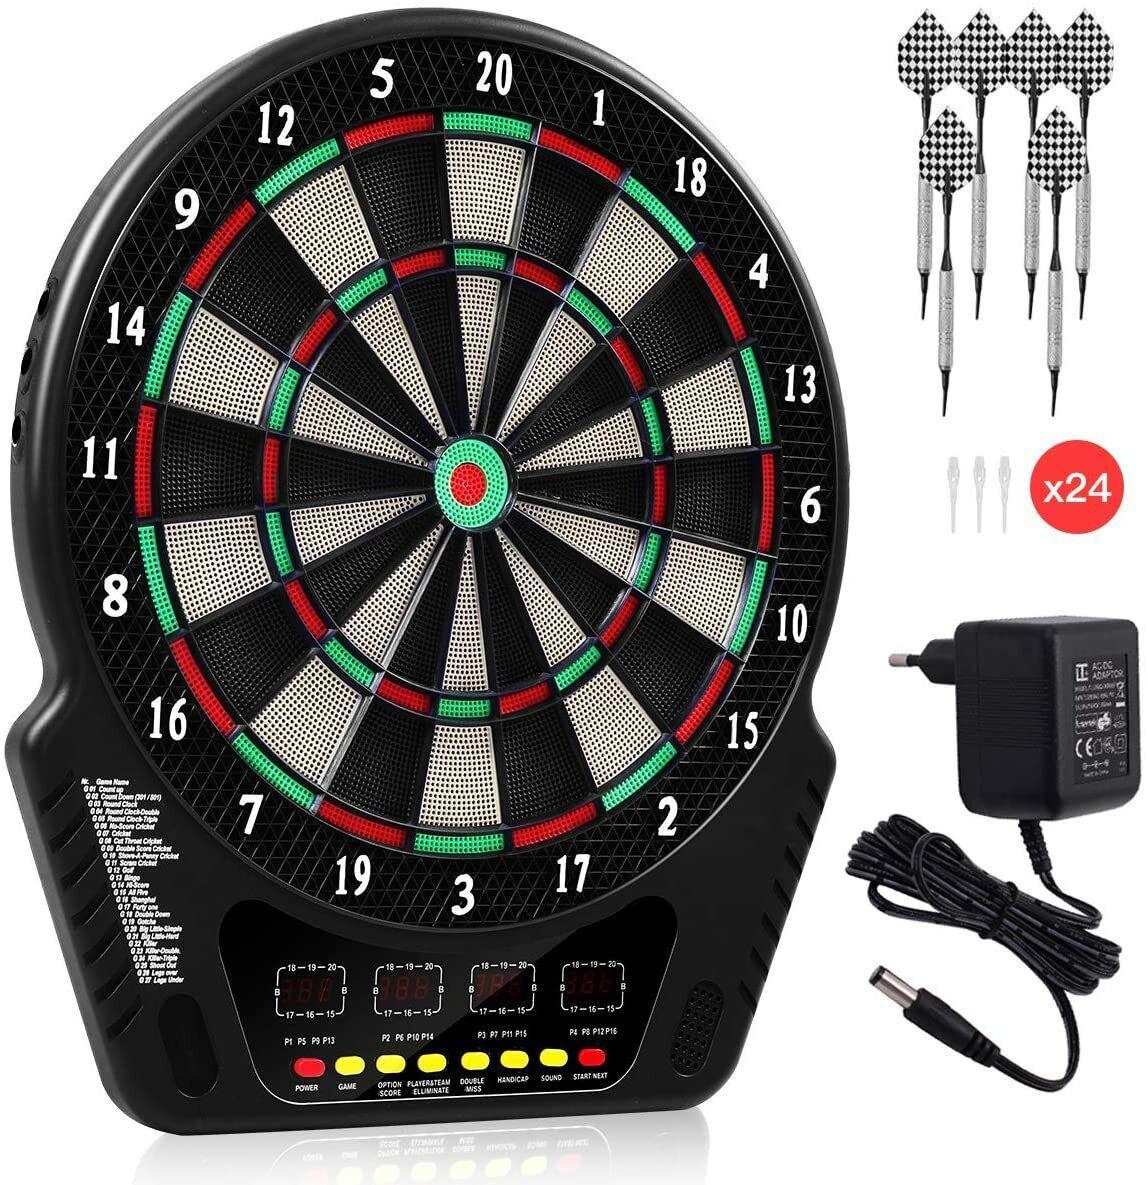 Elektronische Dartscheibe Dartboard 27 Spiele 4 LED Bildschirme 16 Spieler